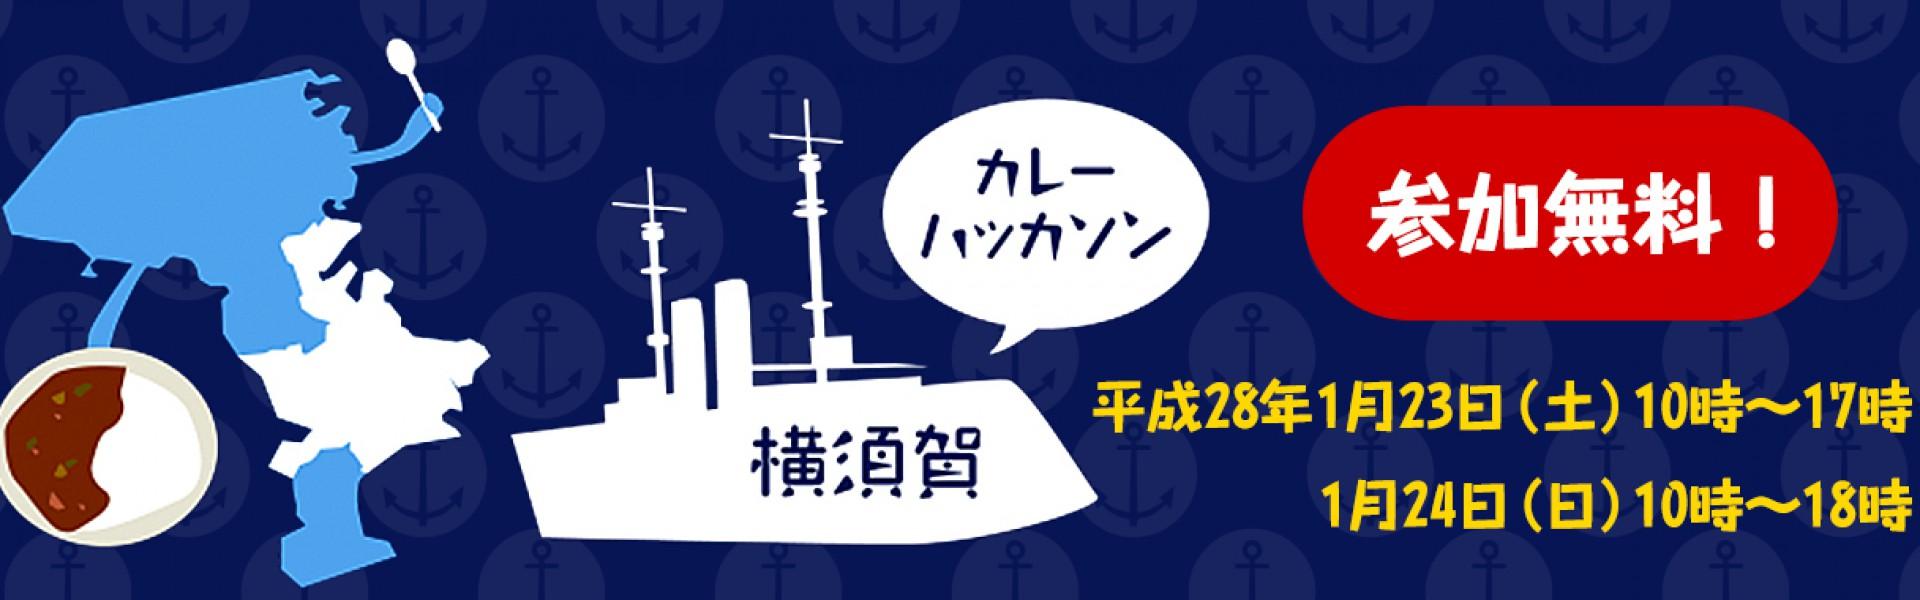 横須賀カレーハッカソン